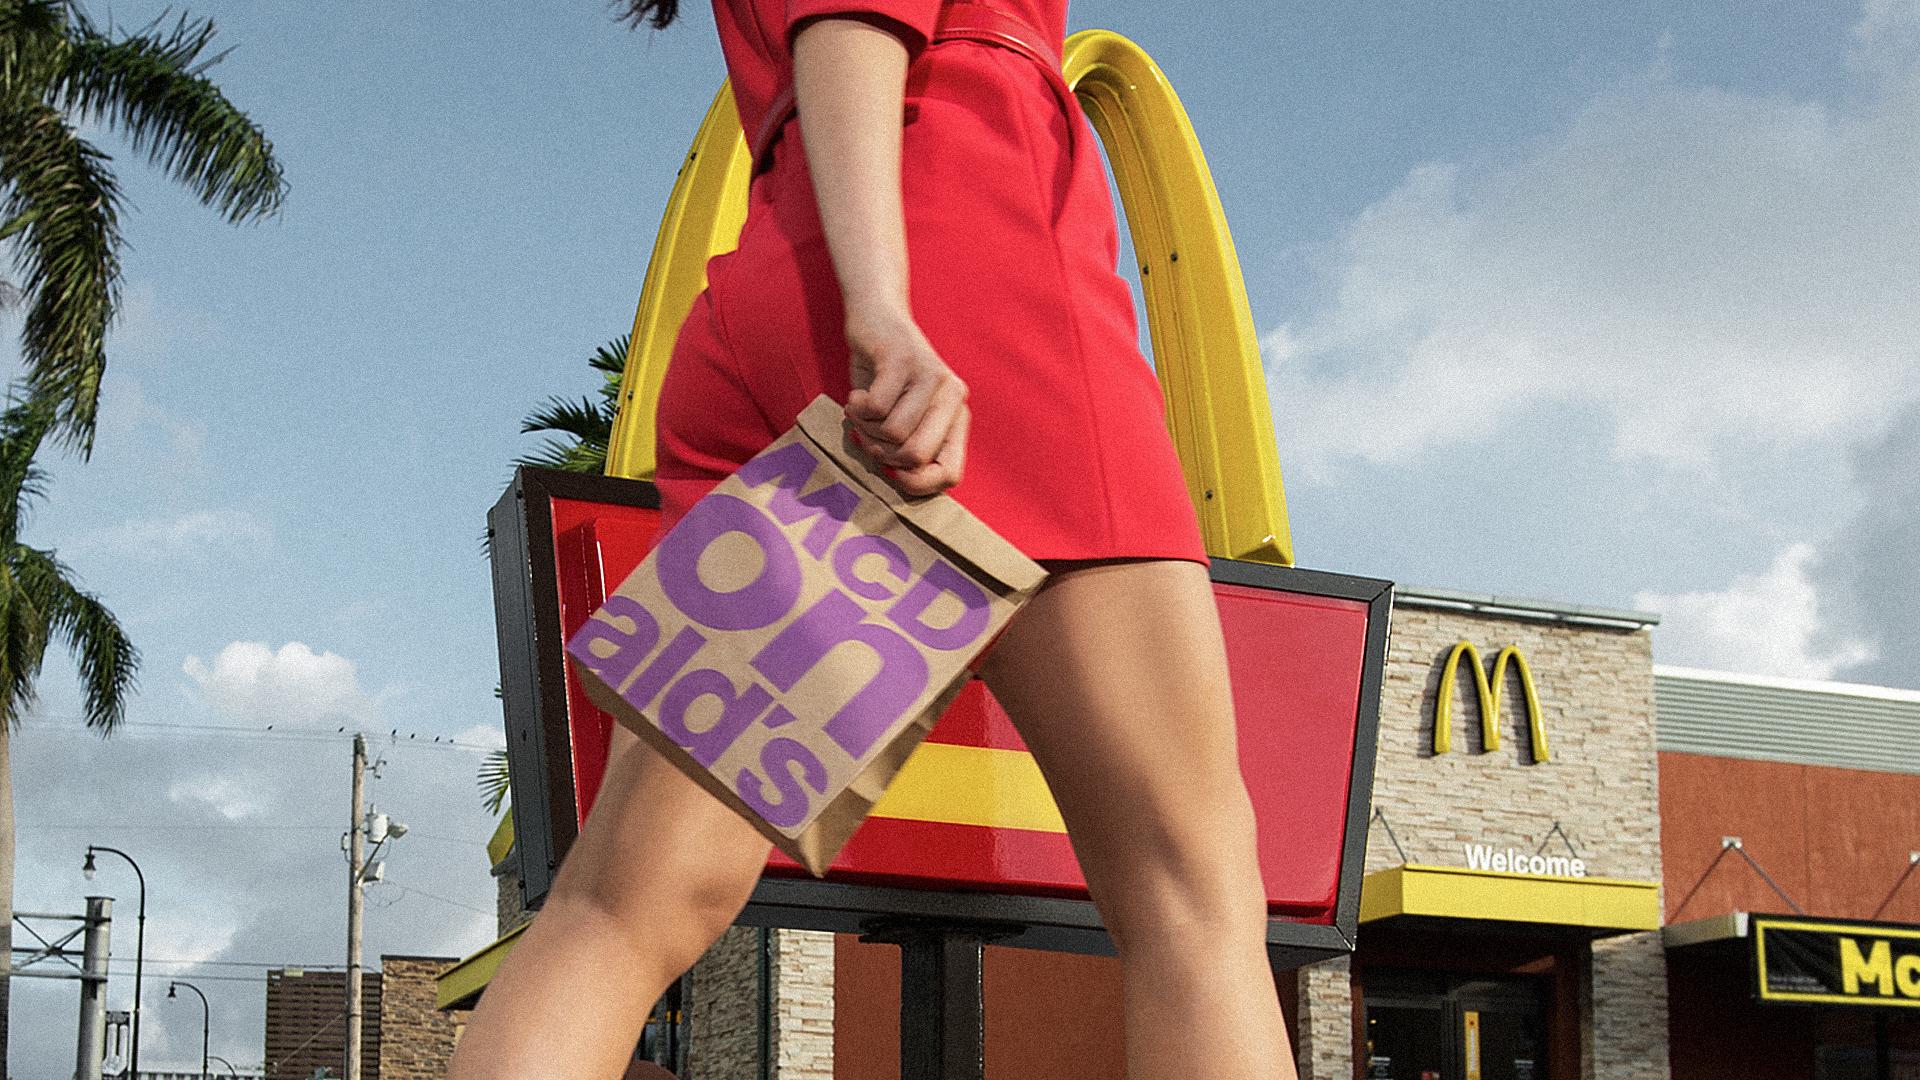 Image courtesy McDonald's